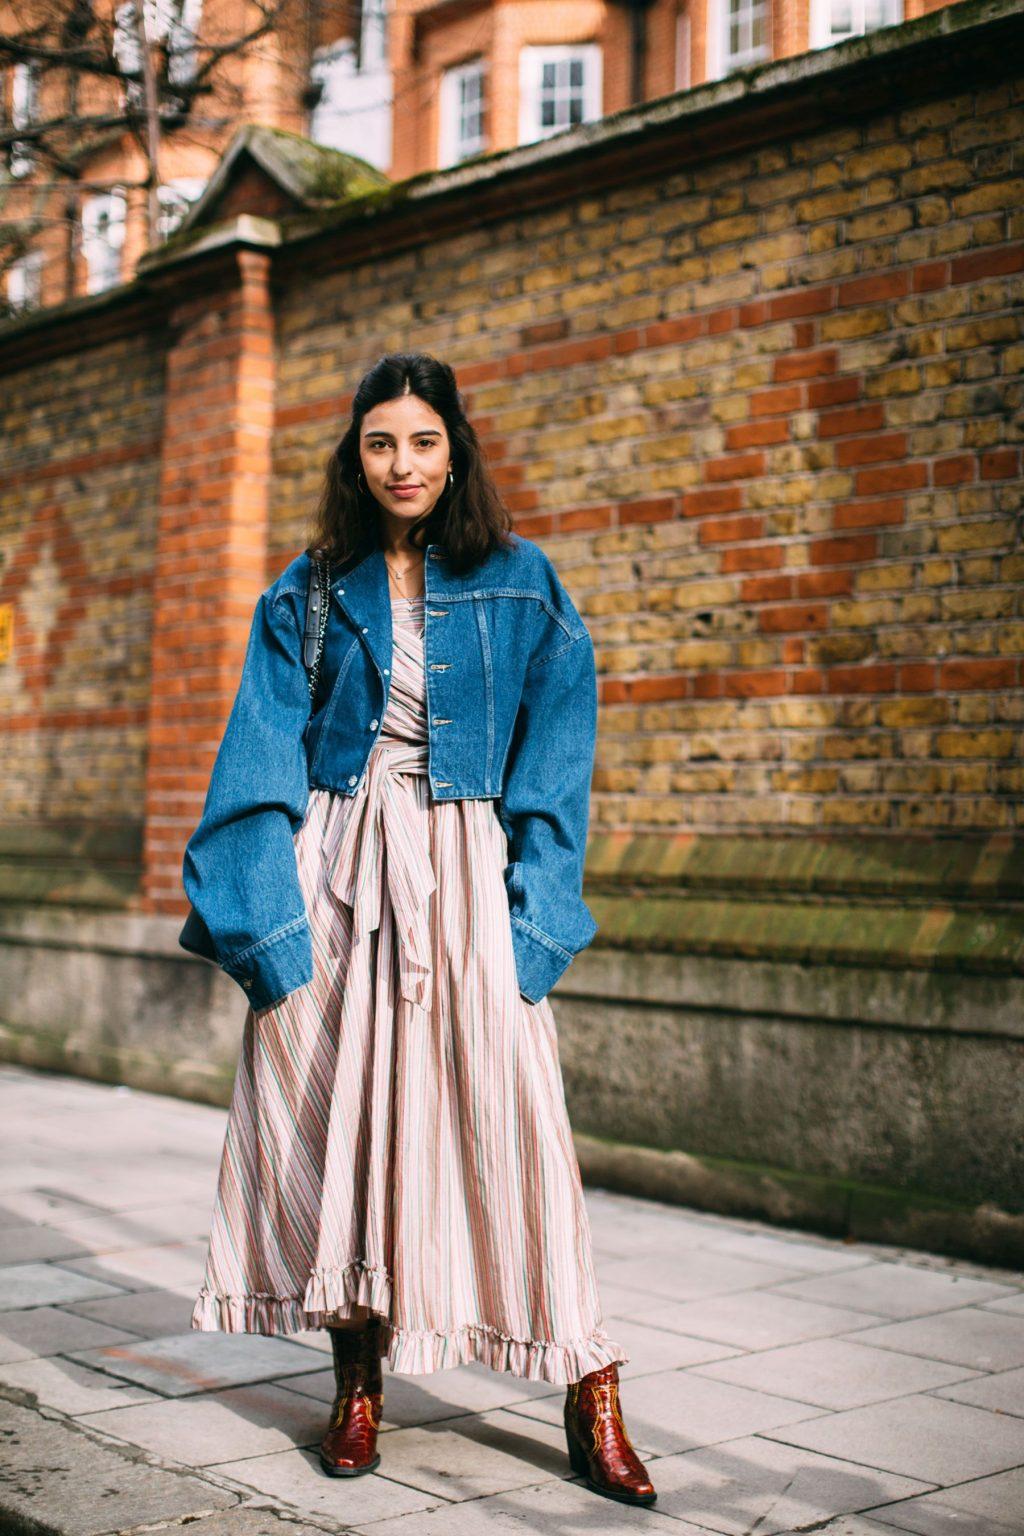 thời trang vintage đầm sọc và áo khoác denim